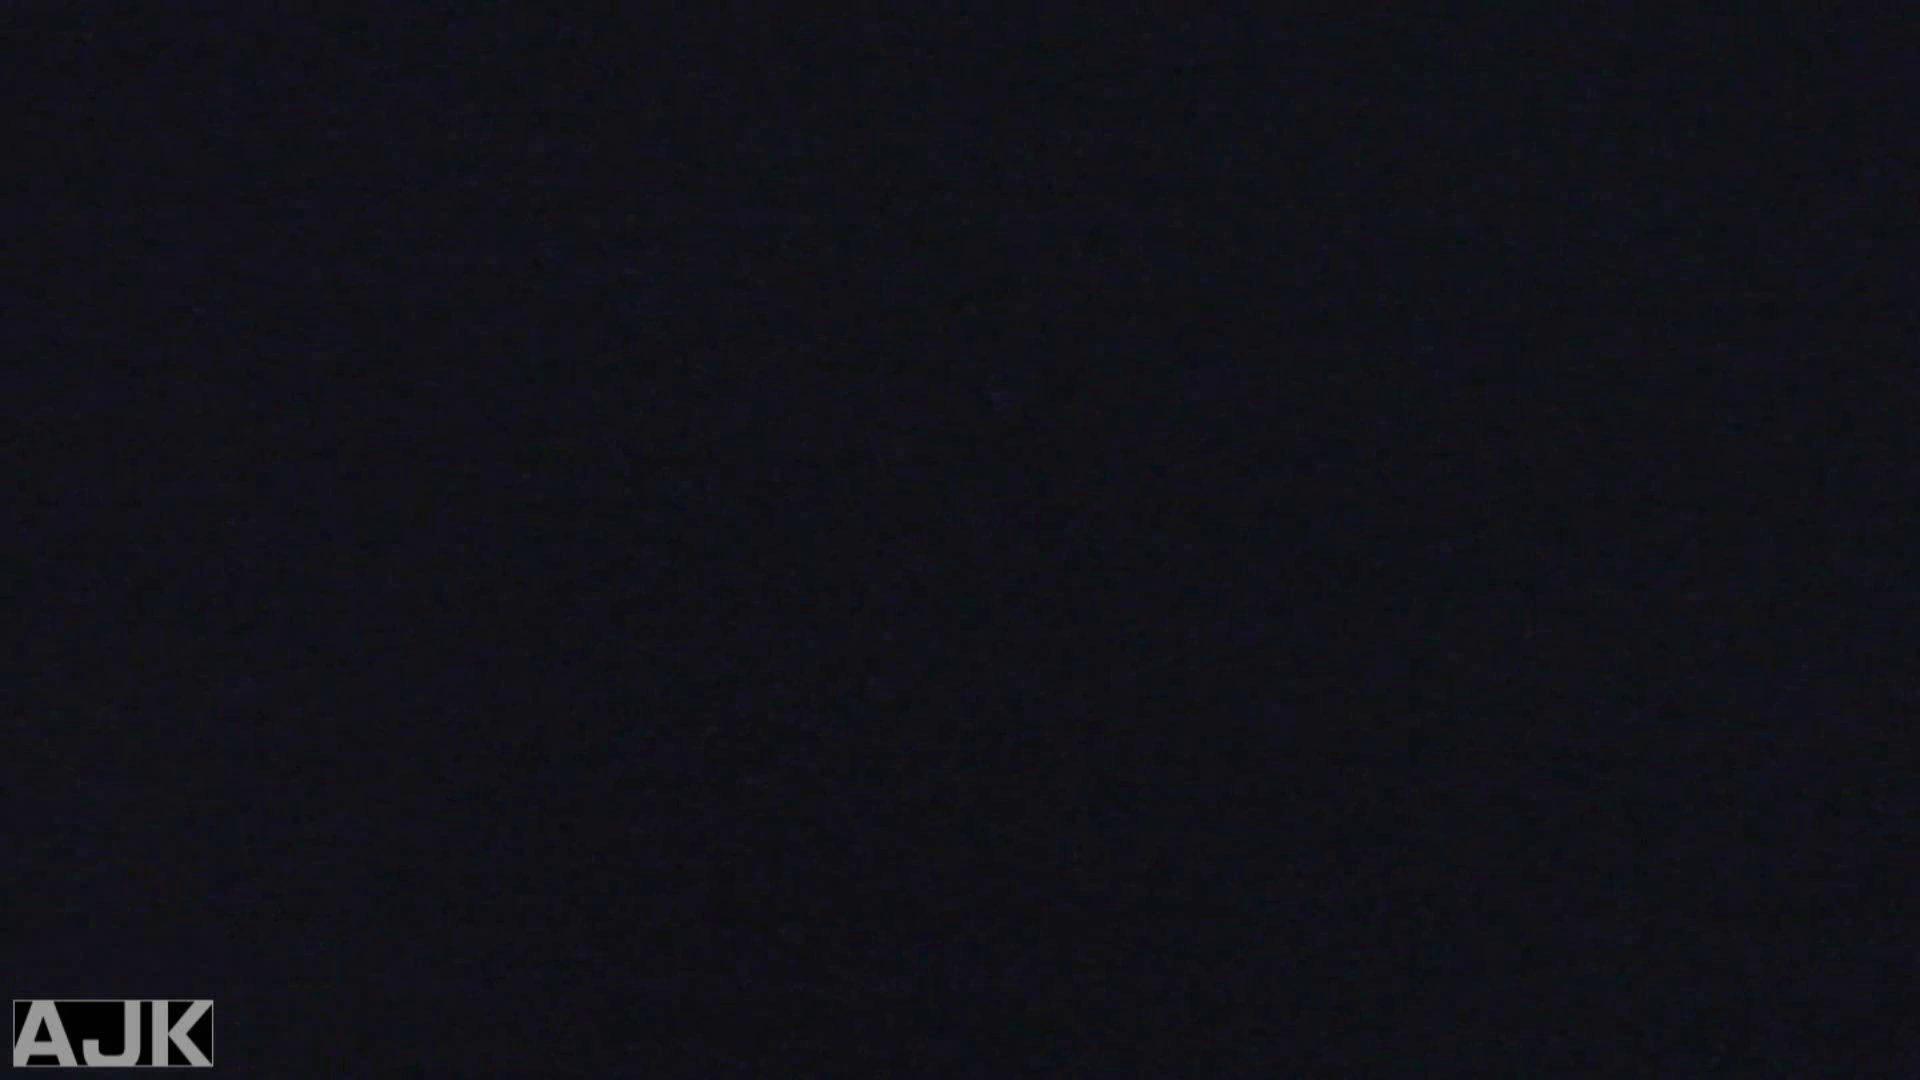 神降臨!史上最強の潜入かわや! vol.22 オマンコ秘宝館 濡れ場動画紹介 56連発 26